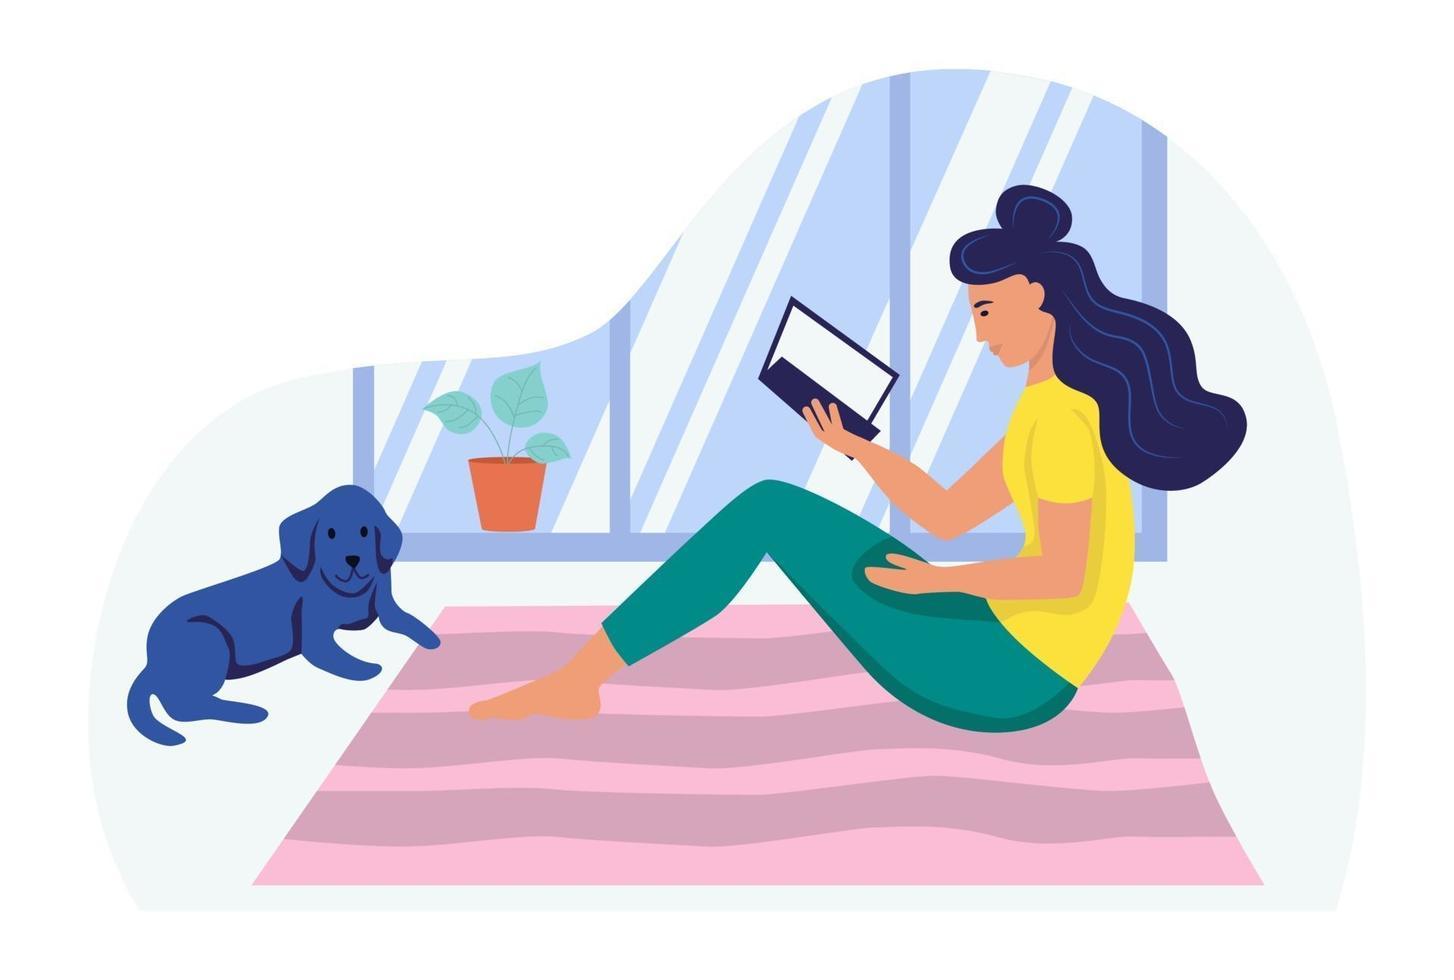 uma jovem está sentada no chão lendo um livro. o conceito de vida cotidiana, lazer cotidiano e atividades de trabalho. ilustração em vetor plana dos desenhos animados.